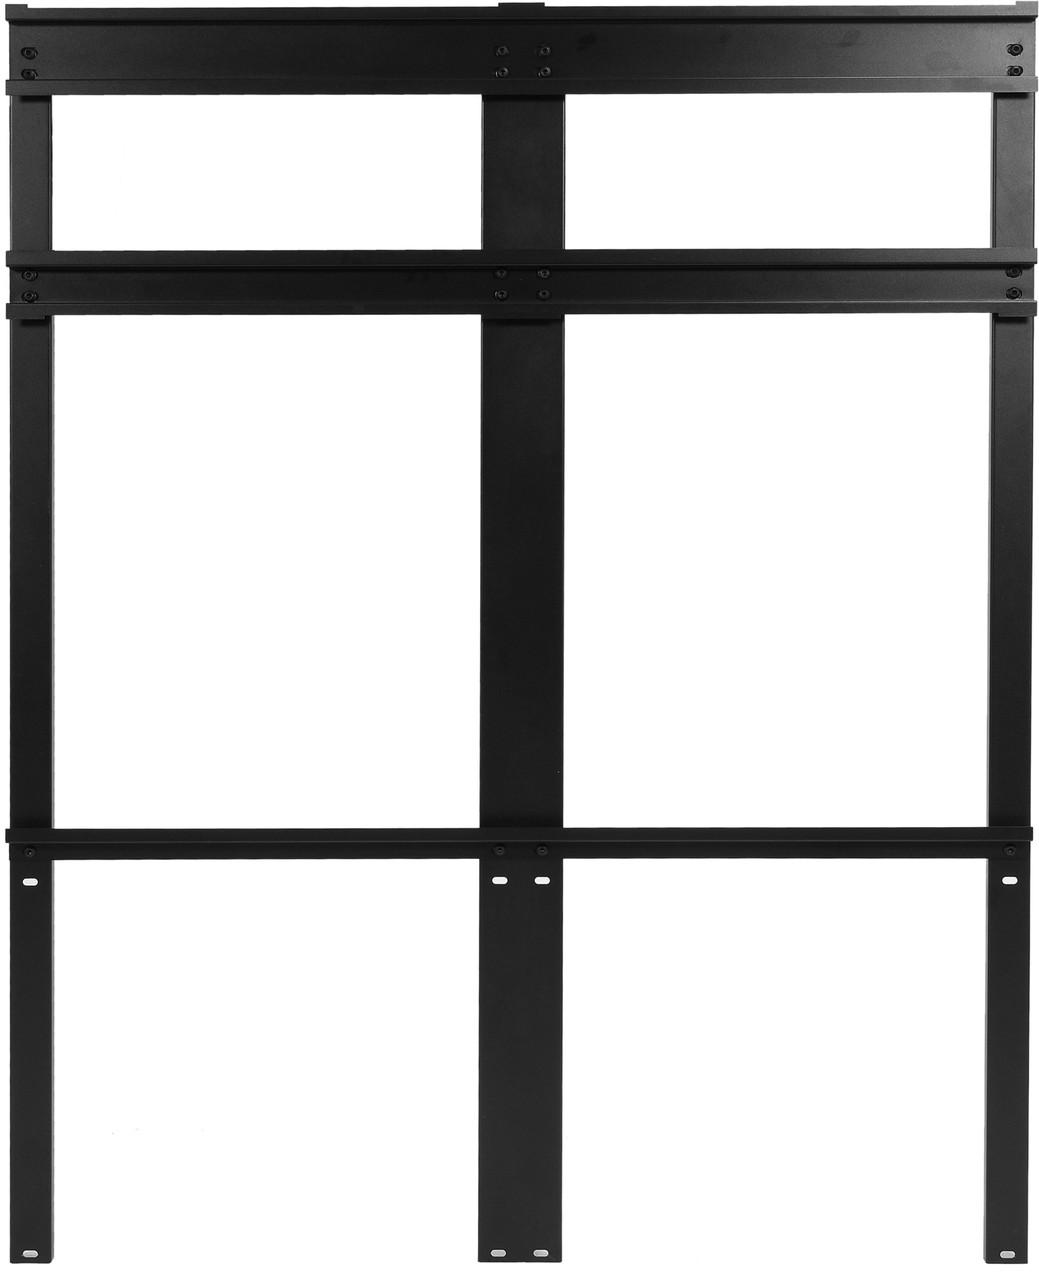 Рама для перфорированной панели YT-08936 YATO на 2 панели 2 x 1900 мм